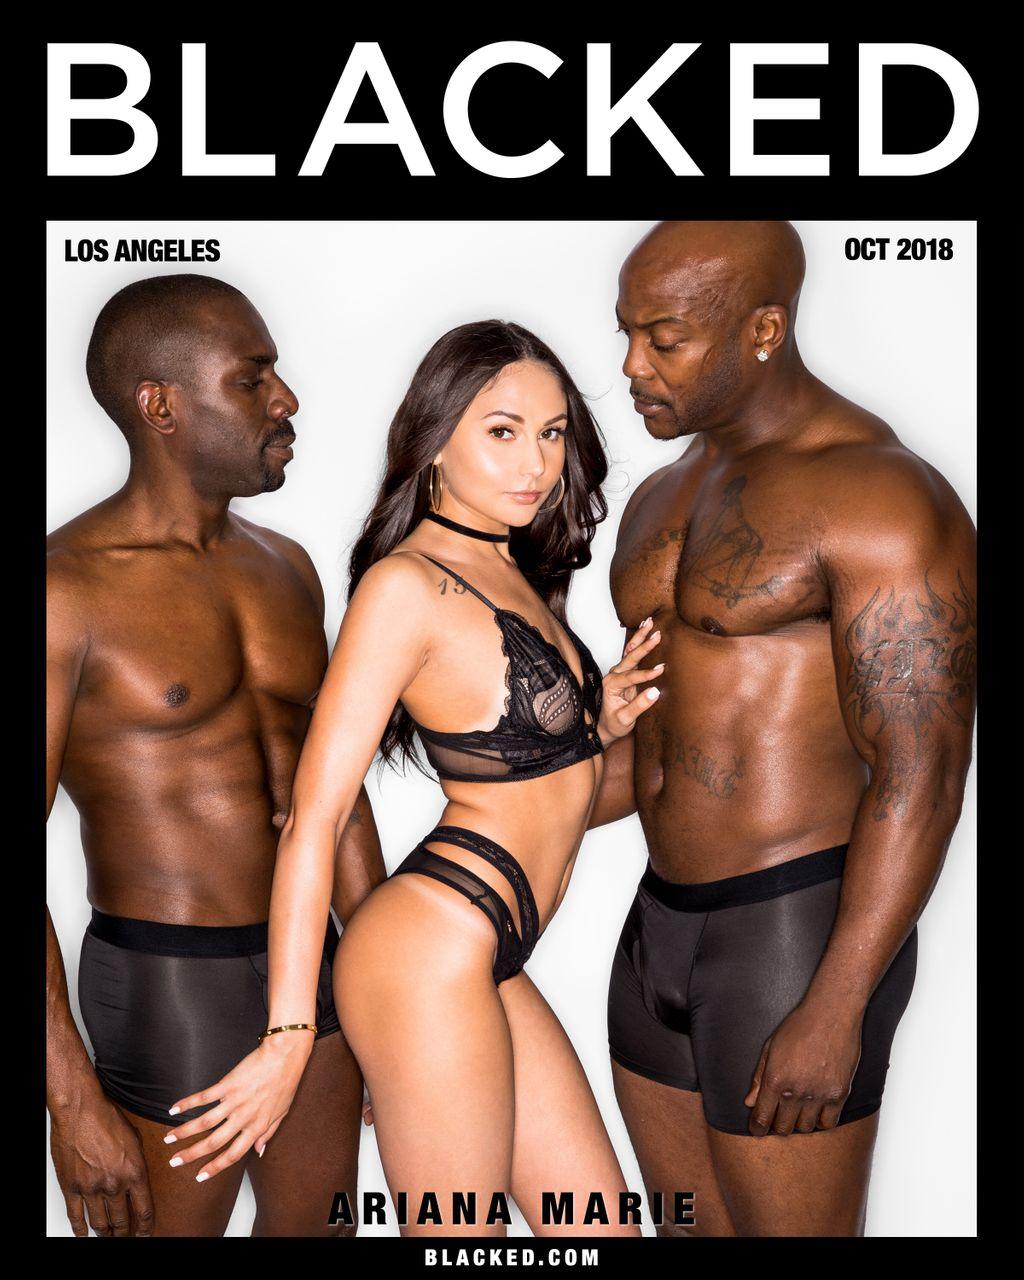 Blackee